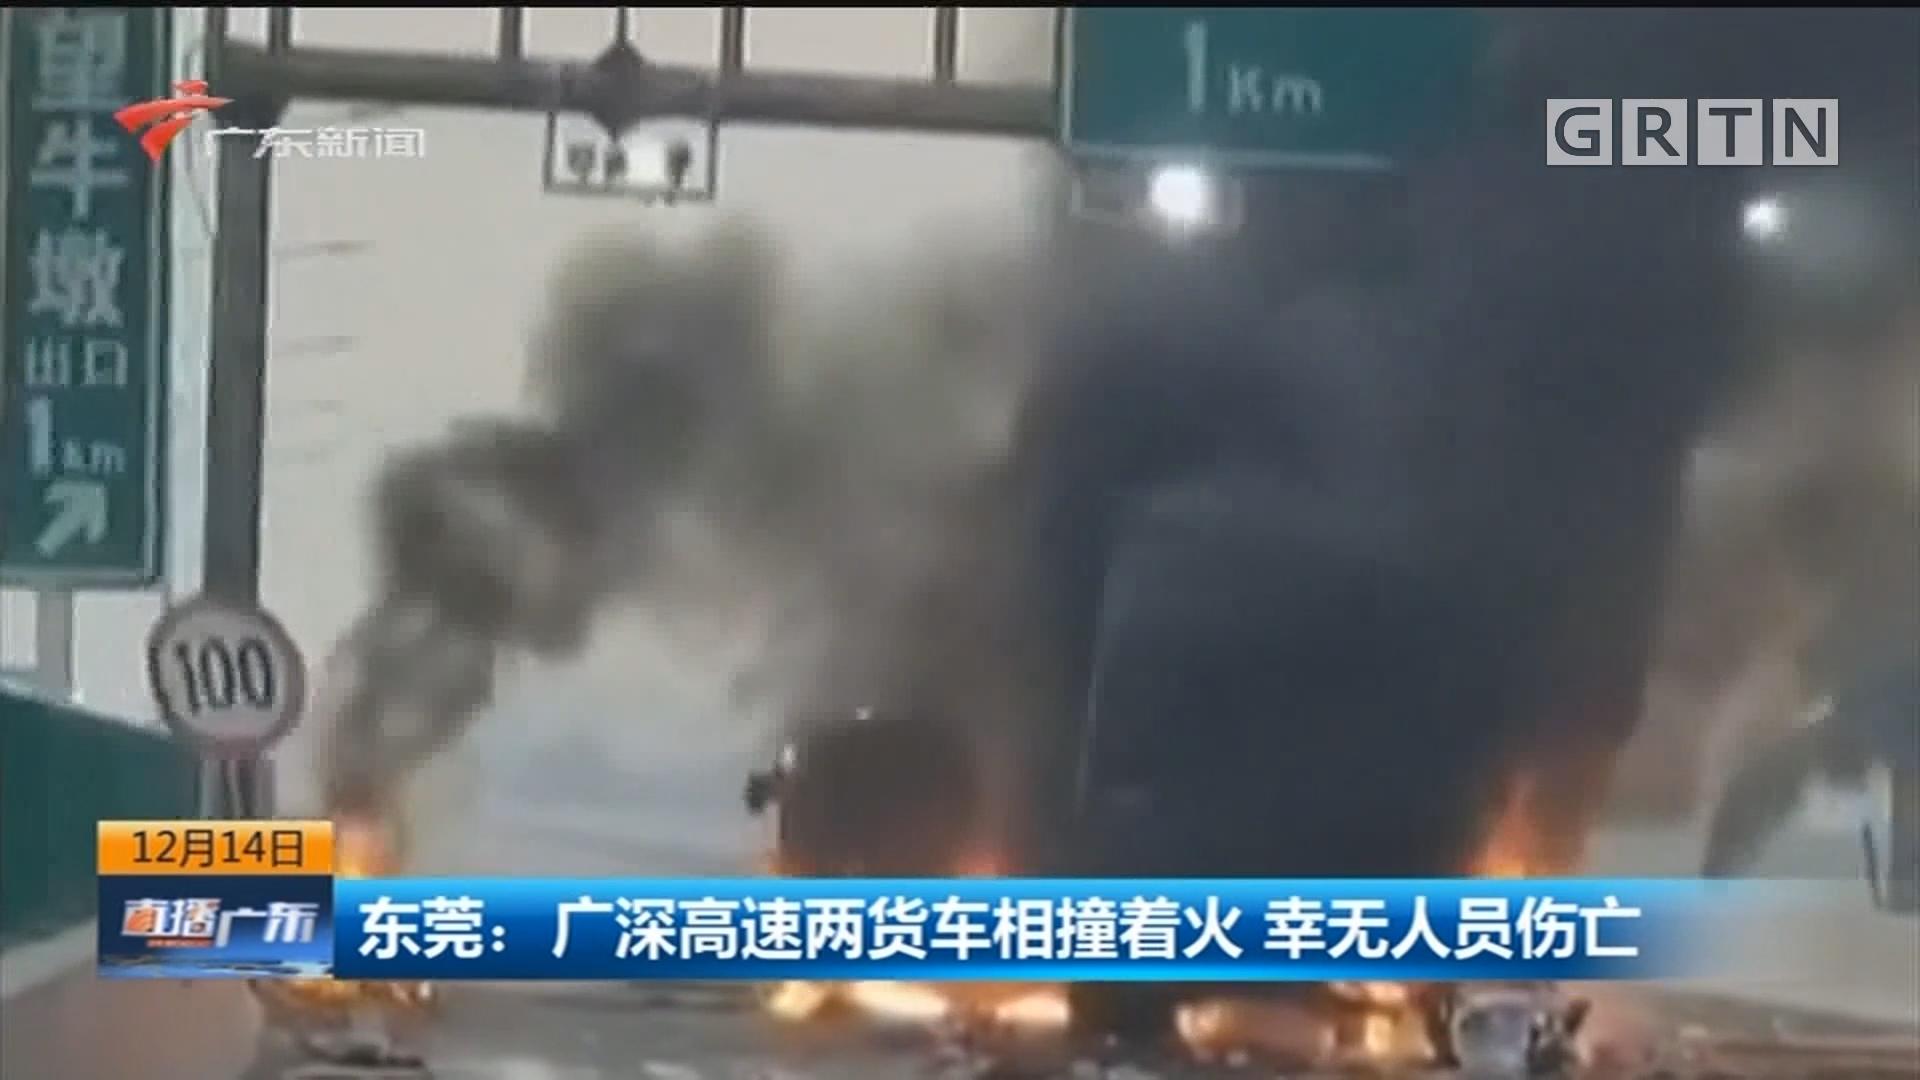 东莞:广深高速两货车相撞着火 幸无人员伤亡